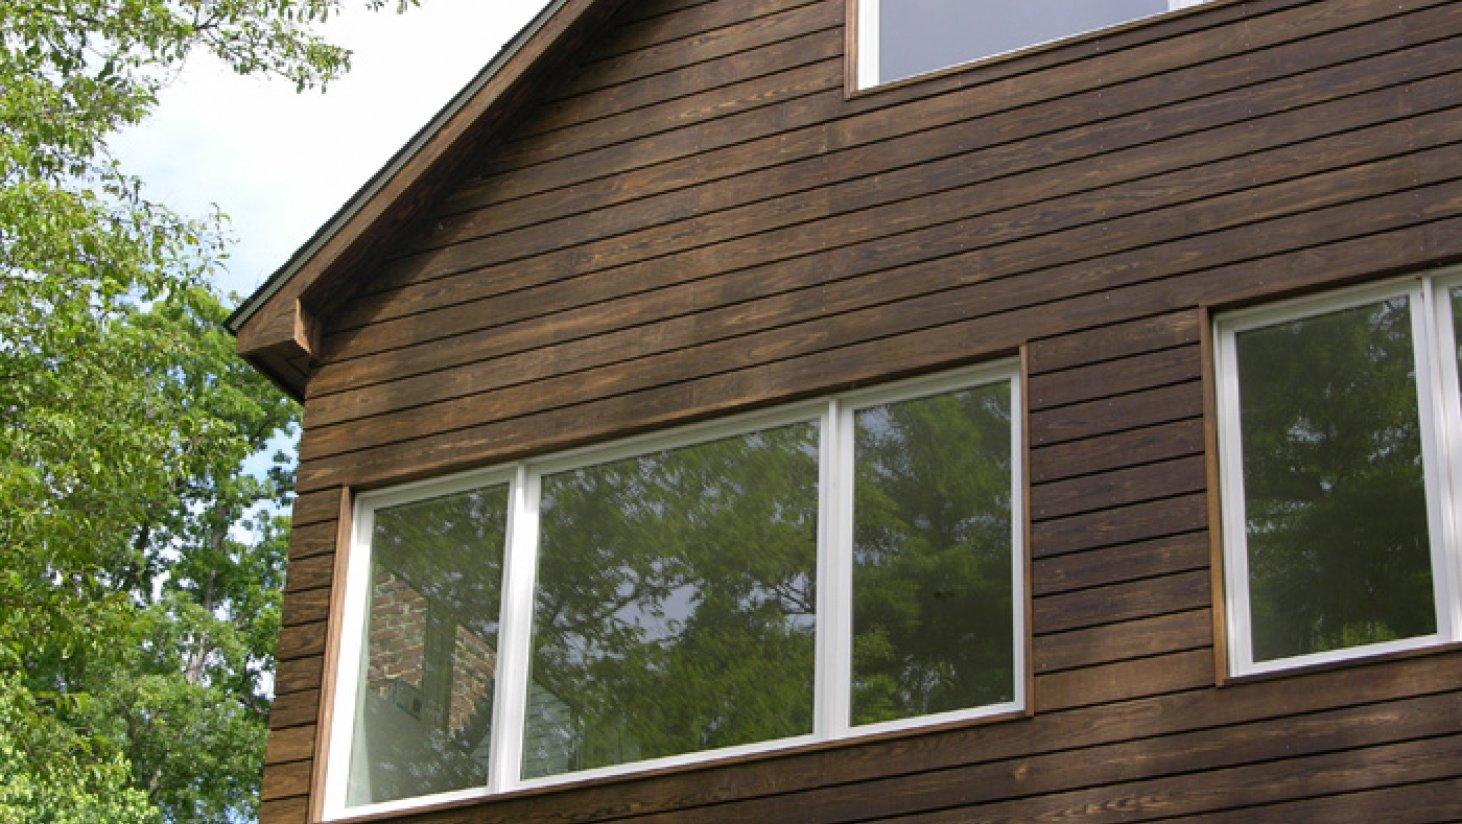 Odnawianie drewnianej elewacji, wskazówki i porady 2